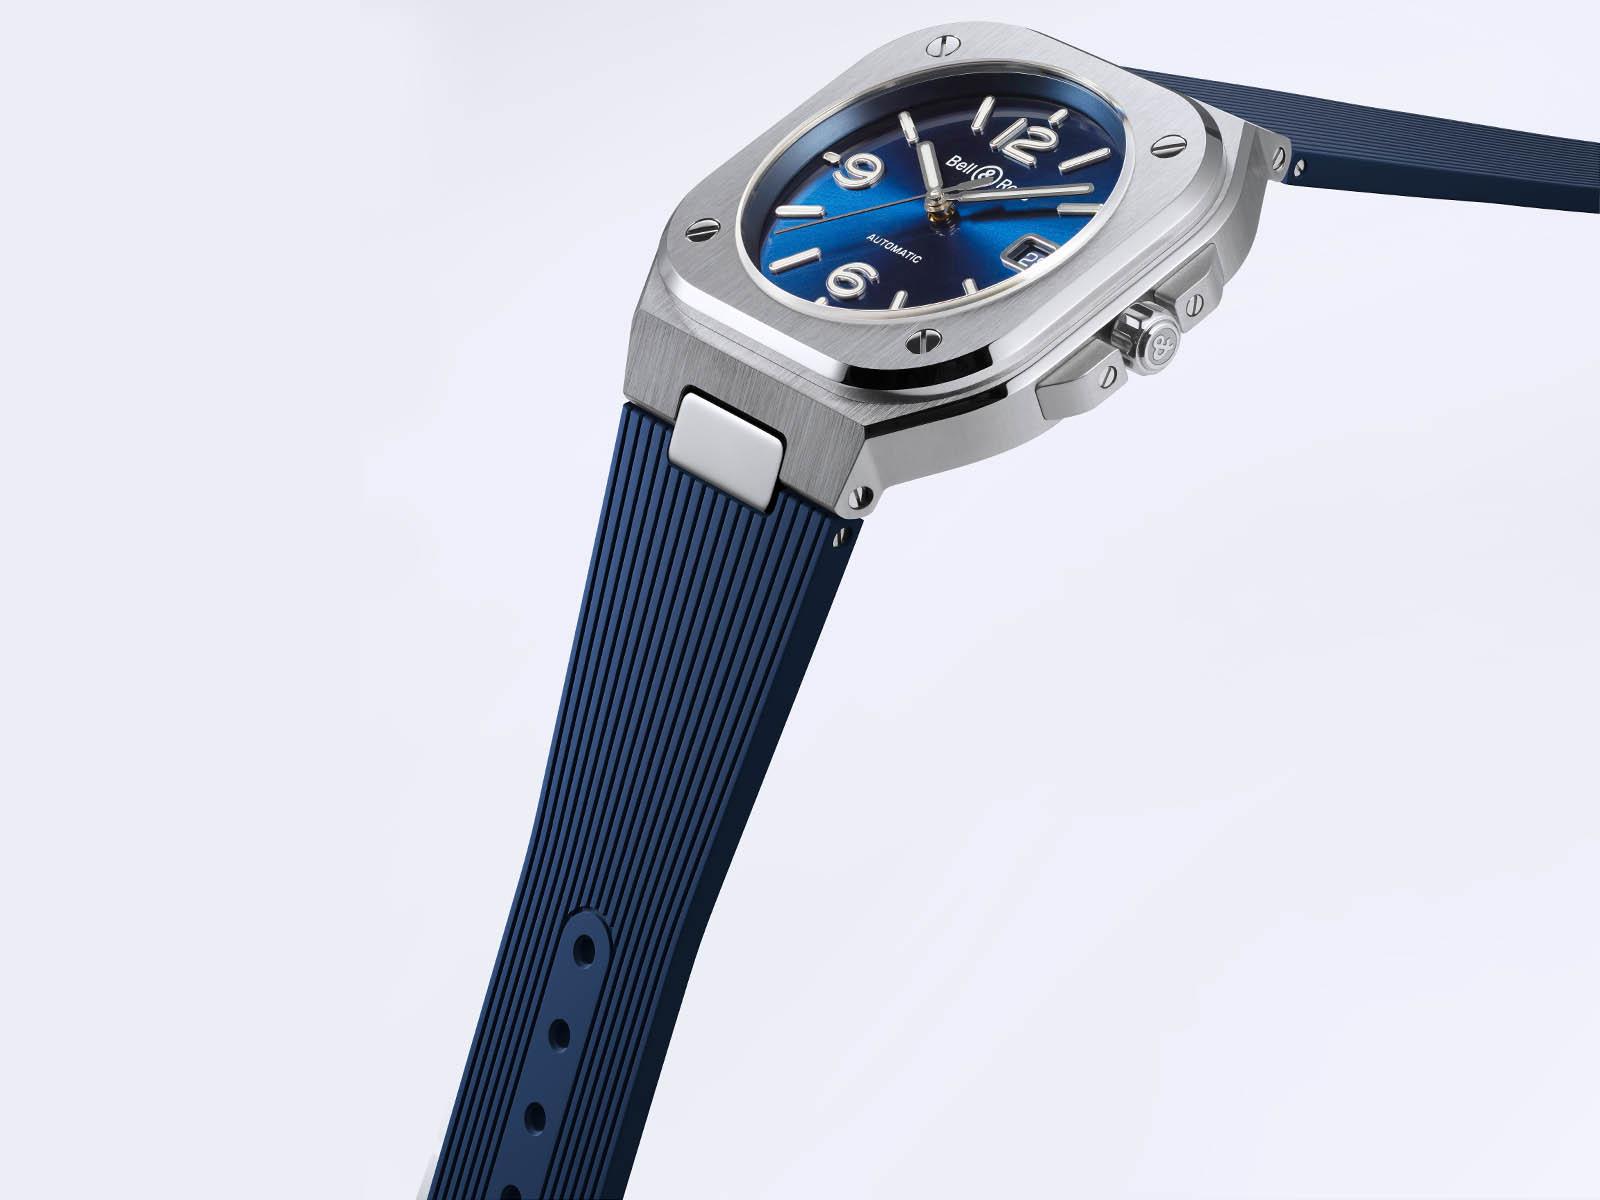 br05a-blu-st-srb-bell-ross-br-05-blue-steel-1.jpg